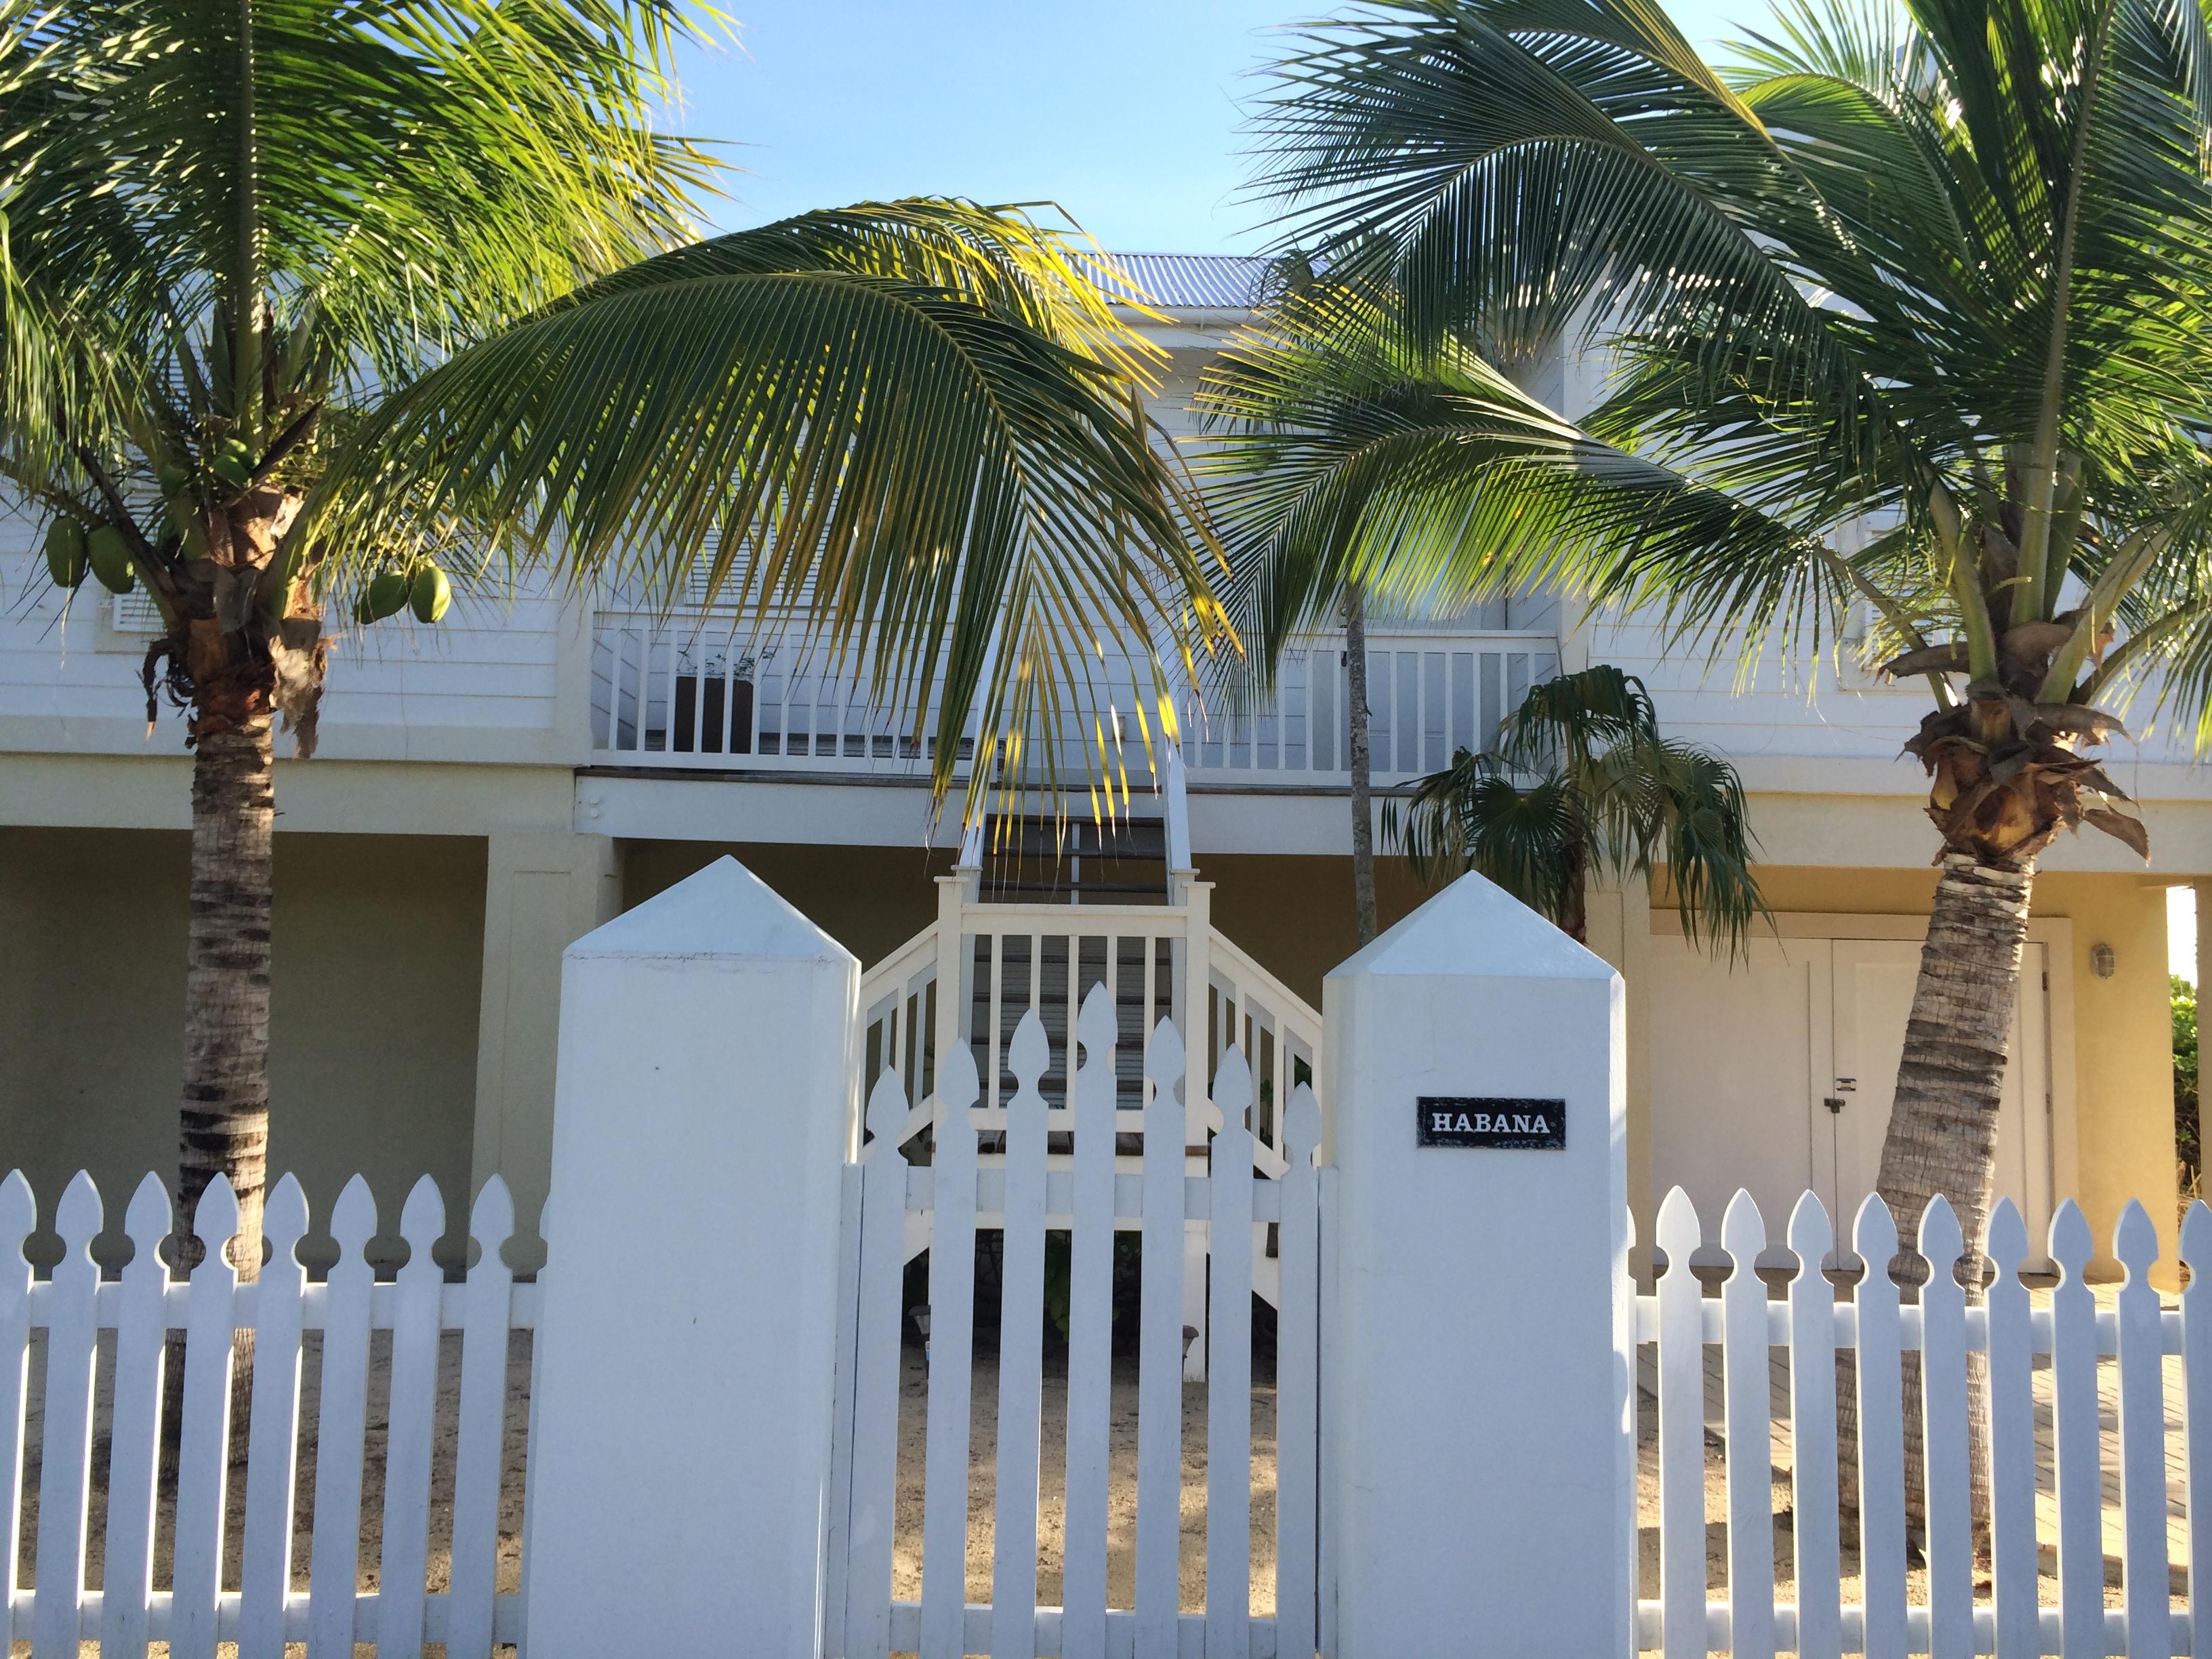 Villa Habana Grand Cayman Island